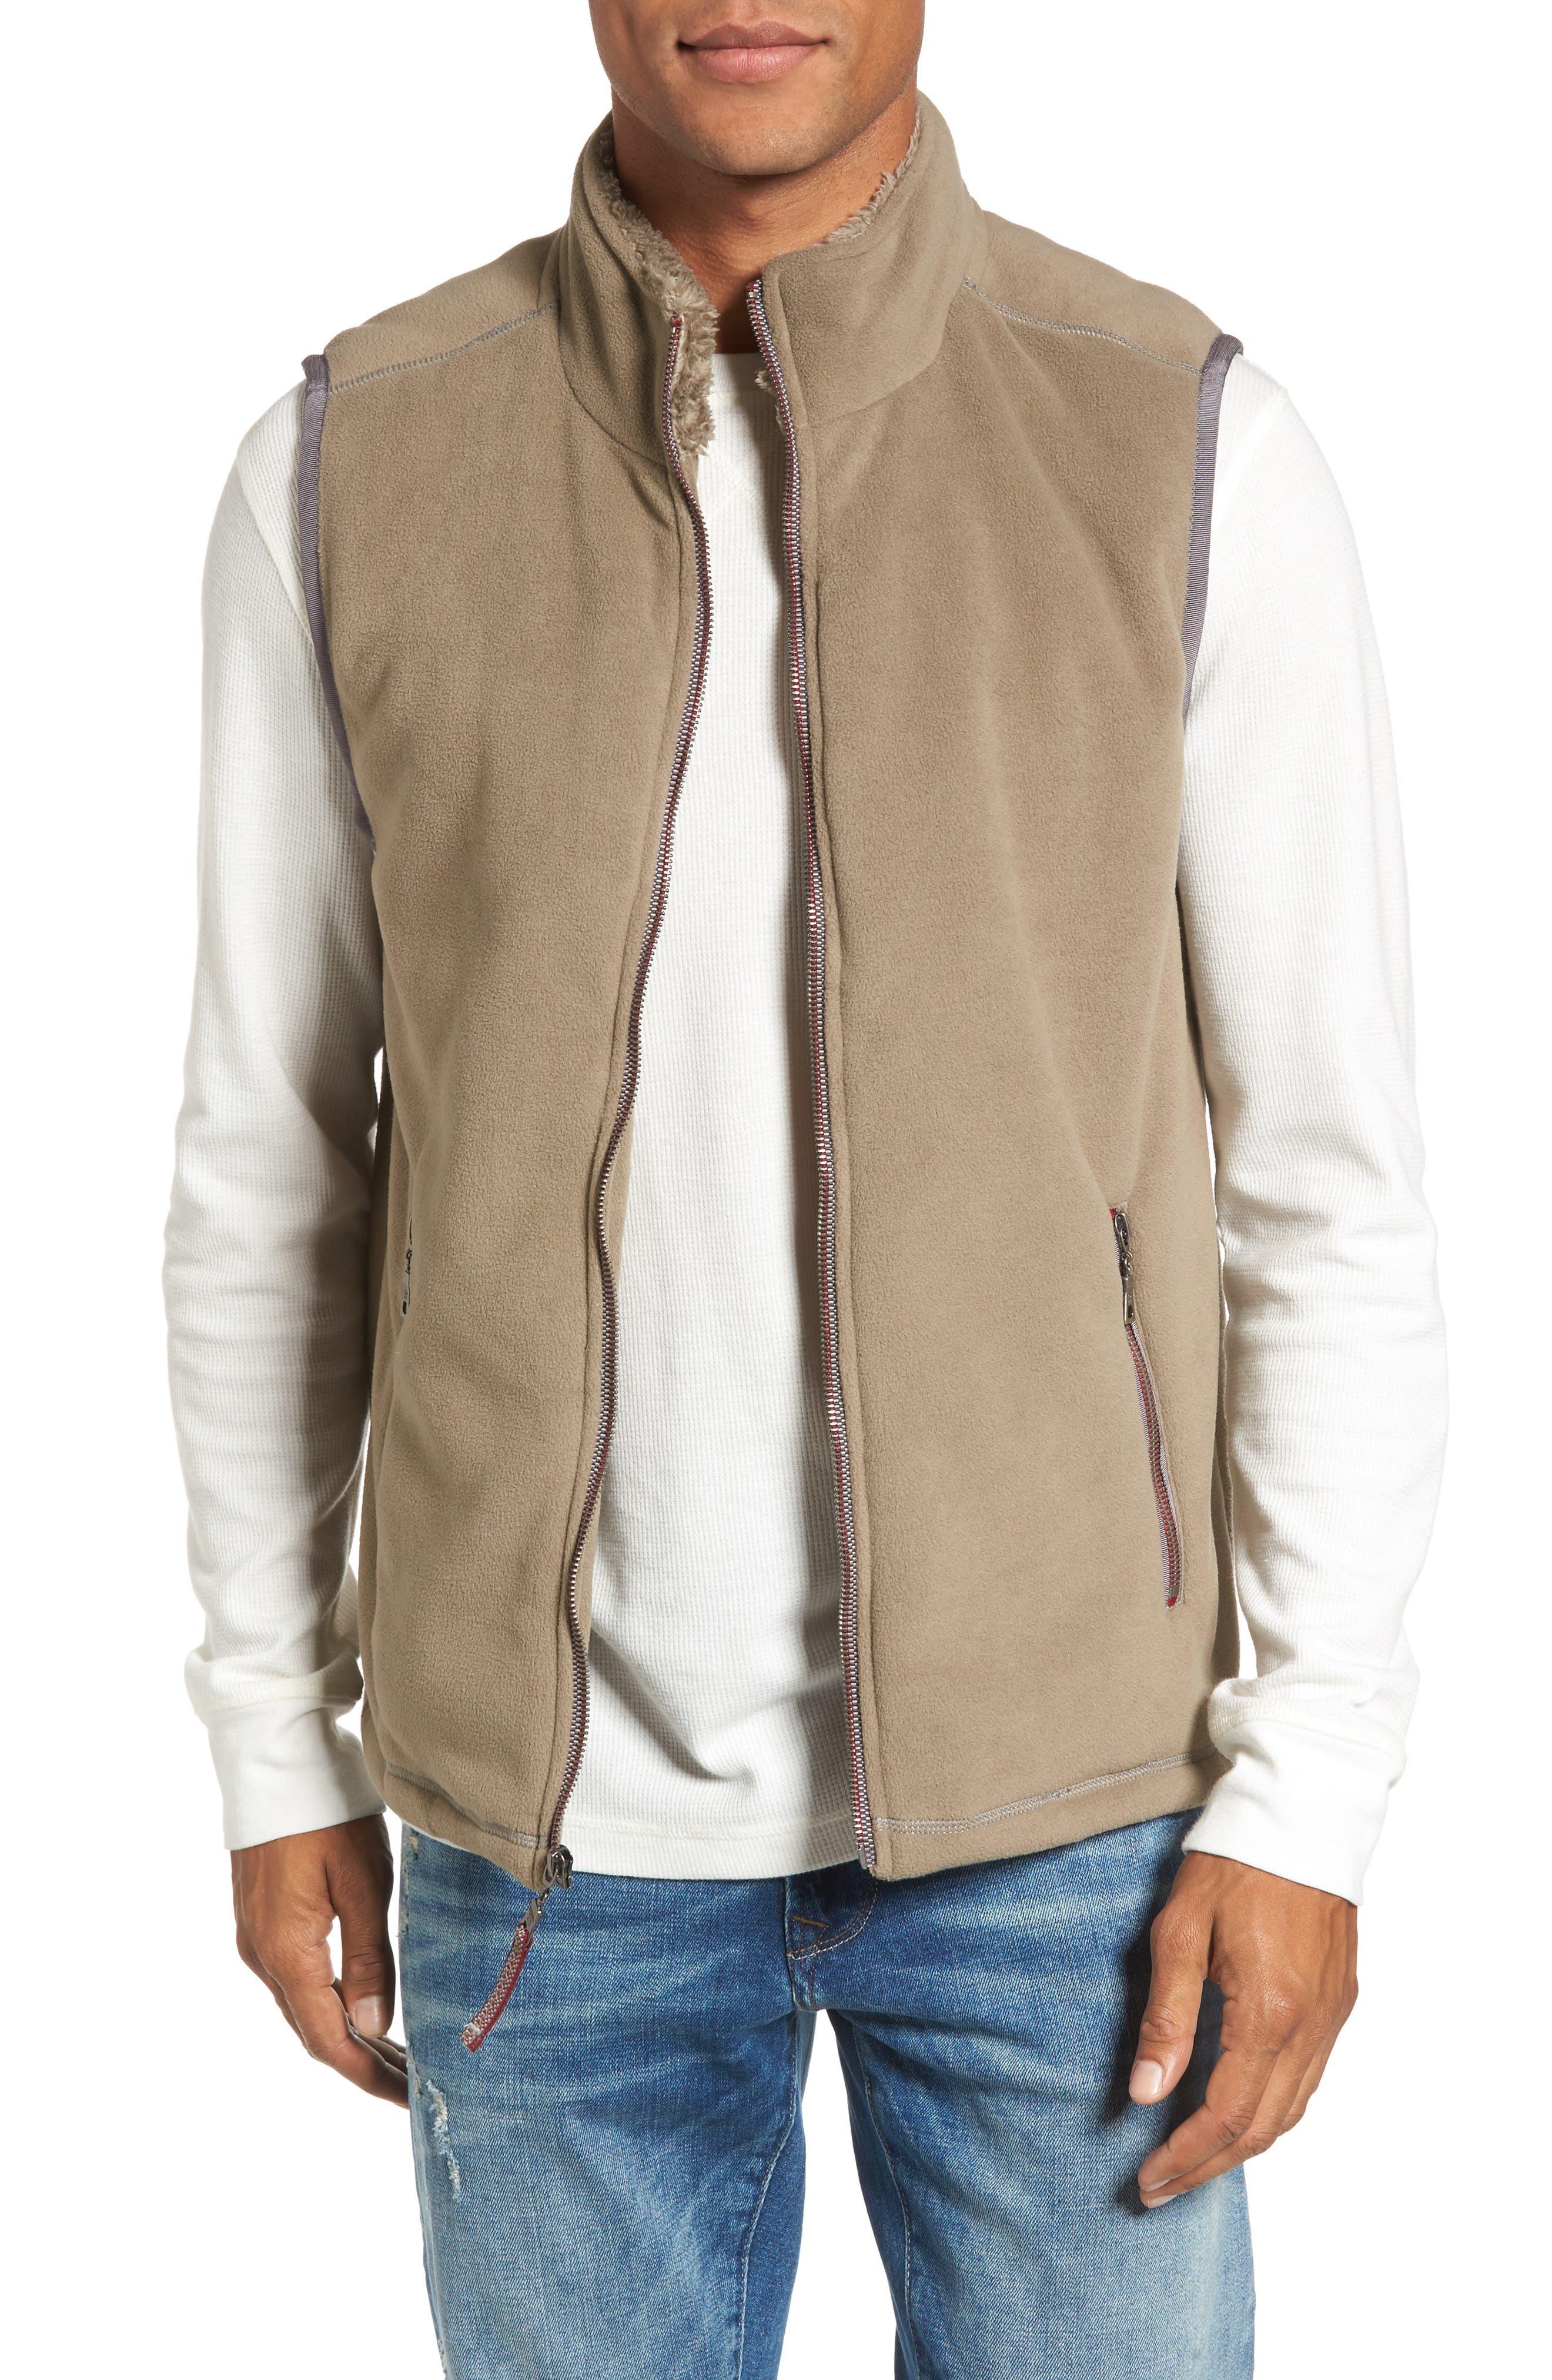 Fleece Vest with Faux Fur Lining,                             Main thumbnail 1, color,                             Gravel